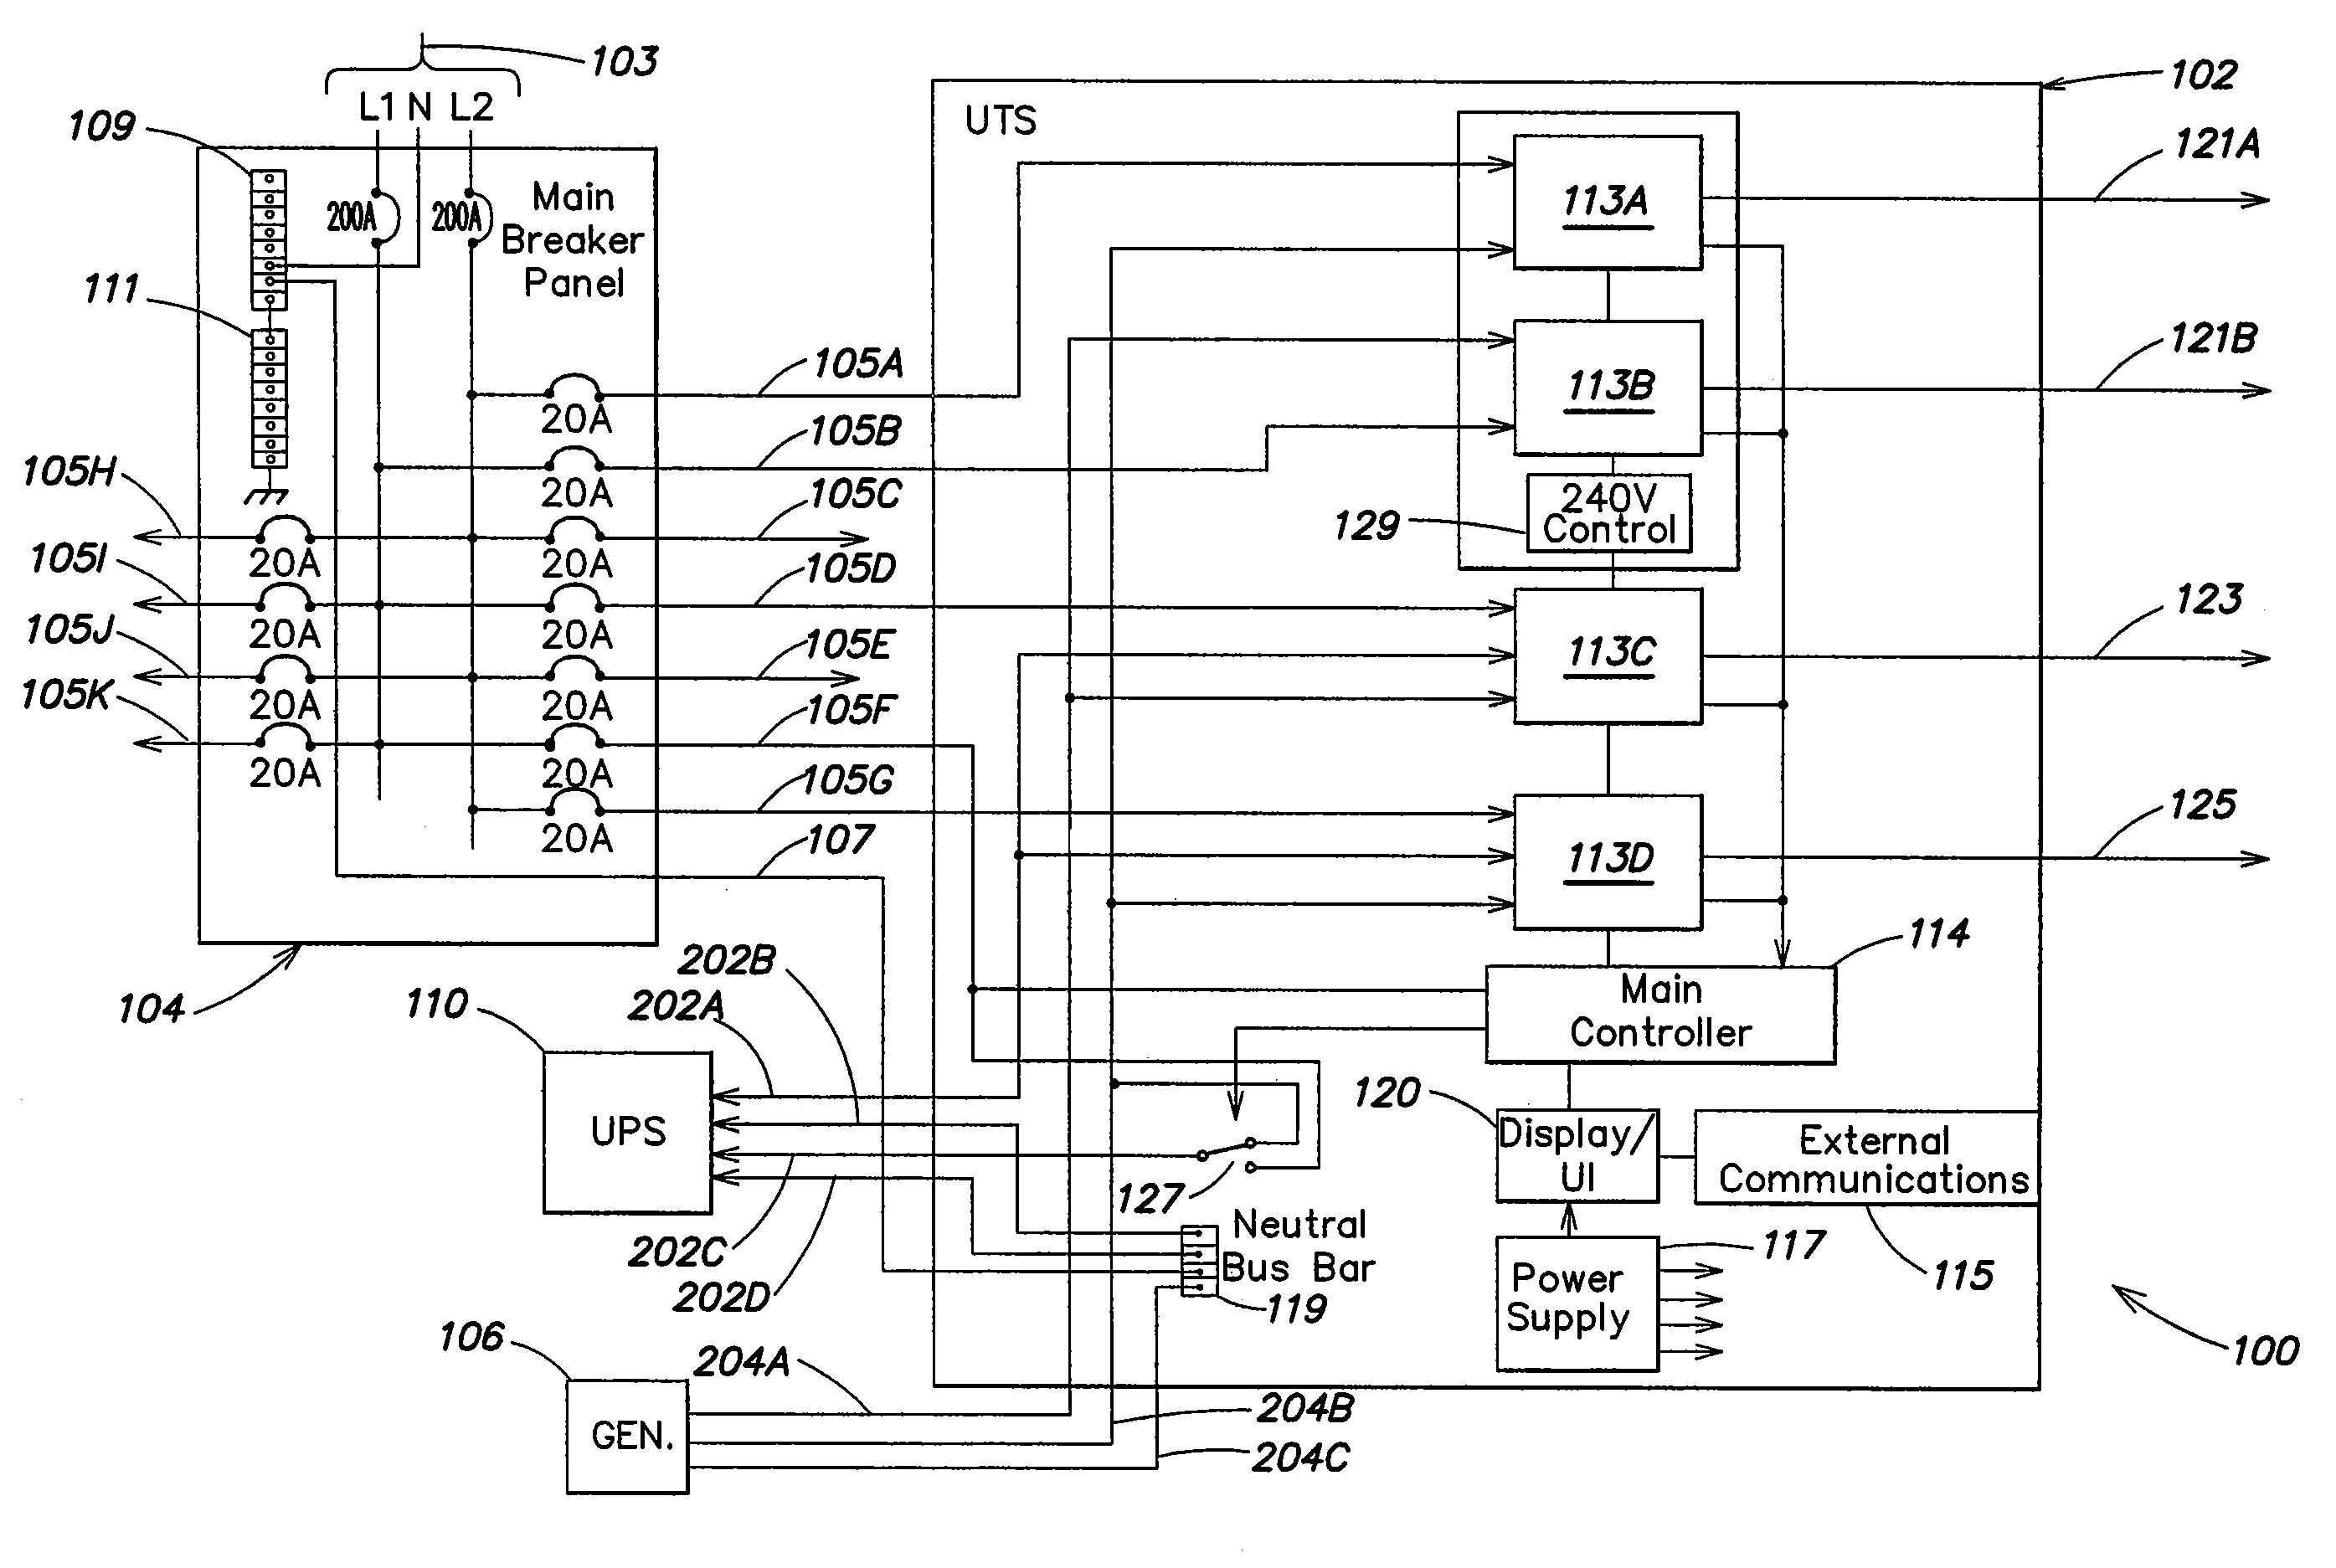 DIAGRAM] Ups Apc Rs 1300 Diagram FULL Version HD Quality 1300 Diagram -  USADIAGRAM.FESTIVALACQUEDOTTE.ITDiagram Database